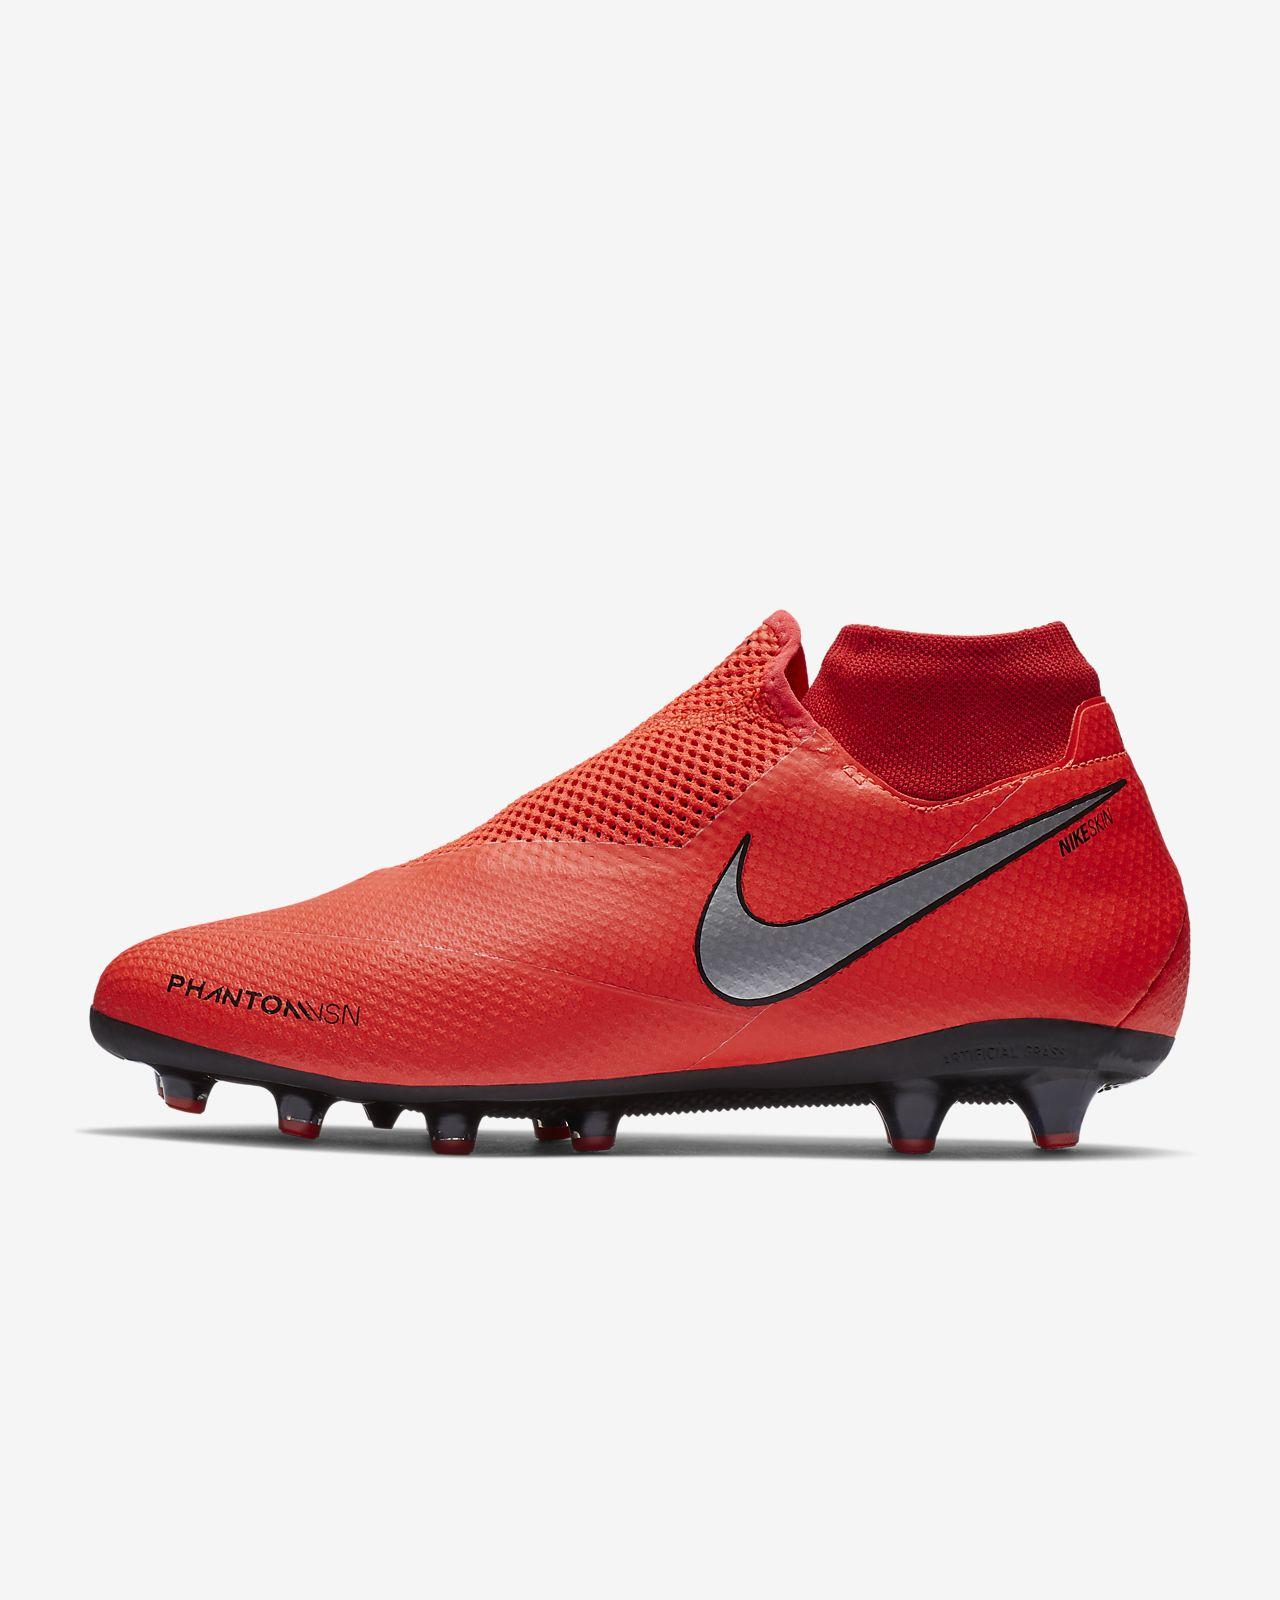 timeless design a8da1 efd34 ... Fotbollssko för konstgräs Nike Phantom Vision Pro Dynamic Fit AG-PRO